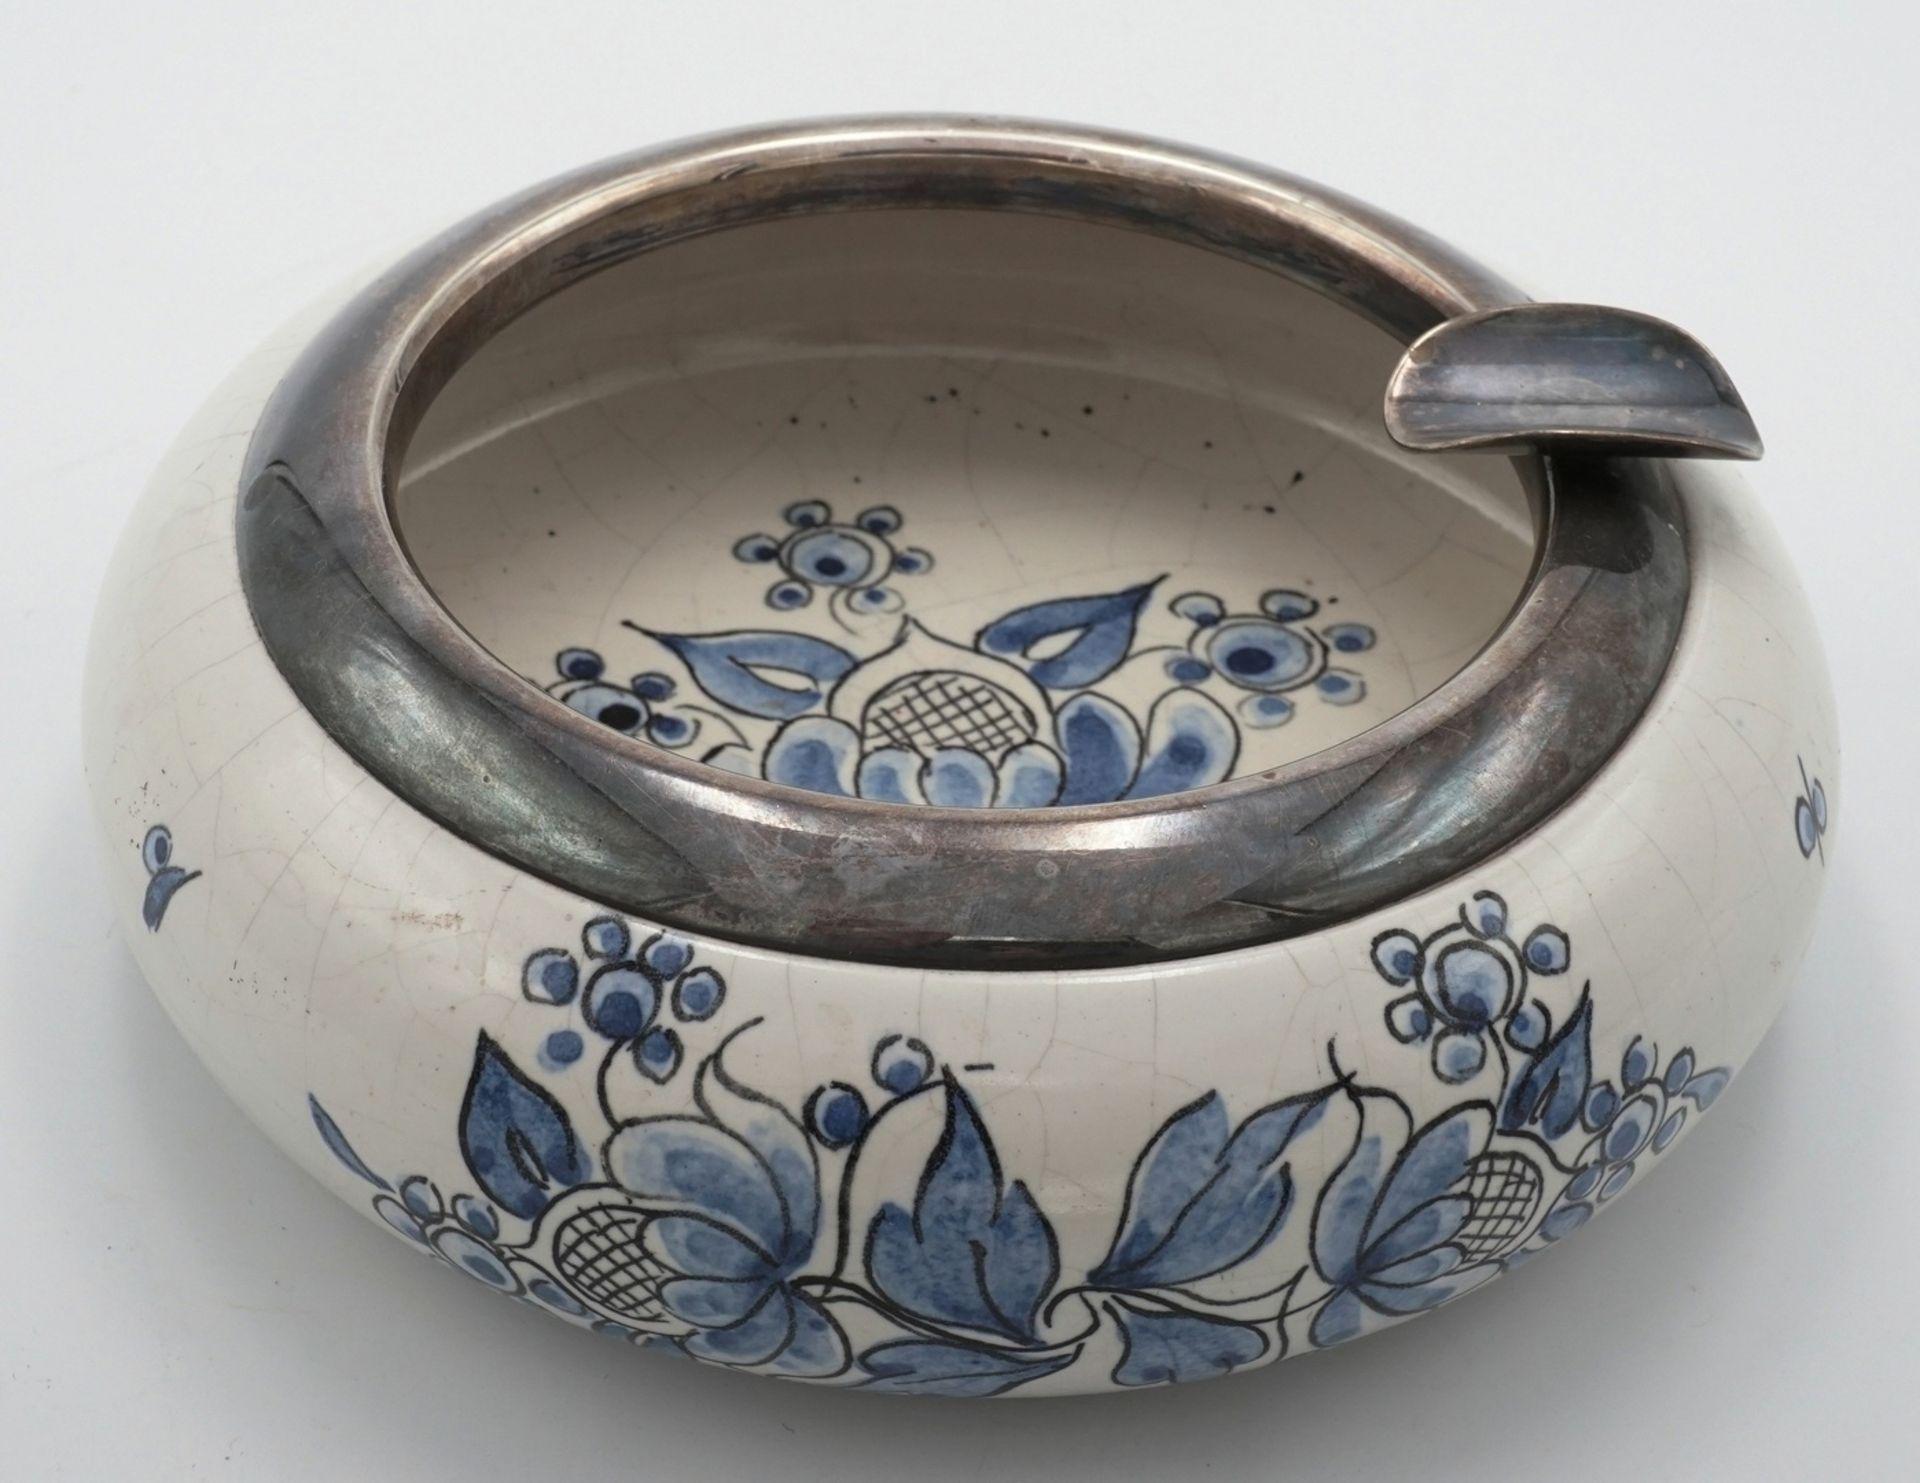 Keramik Aschenbecher mit Silbermontierung - Bild 2 aus 4